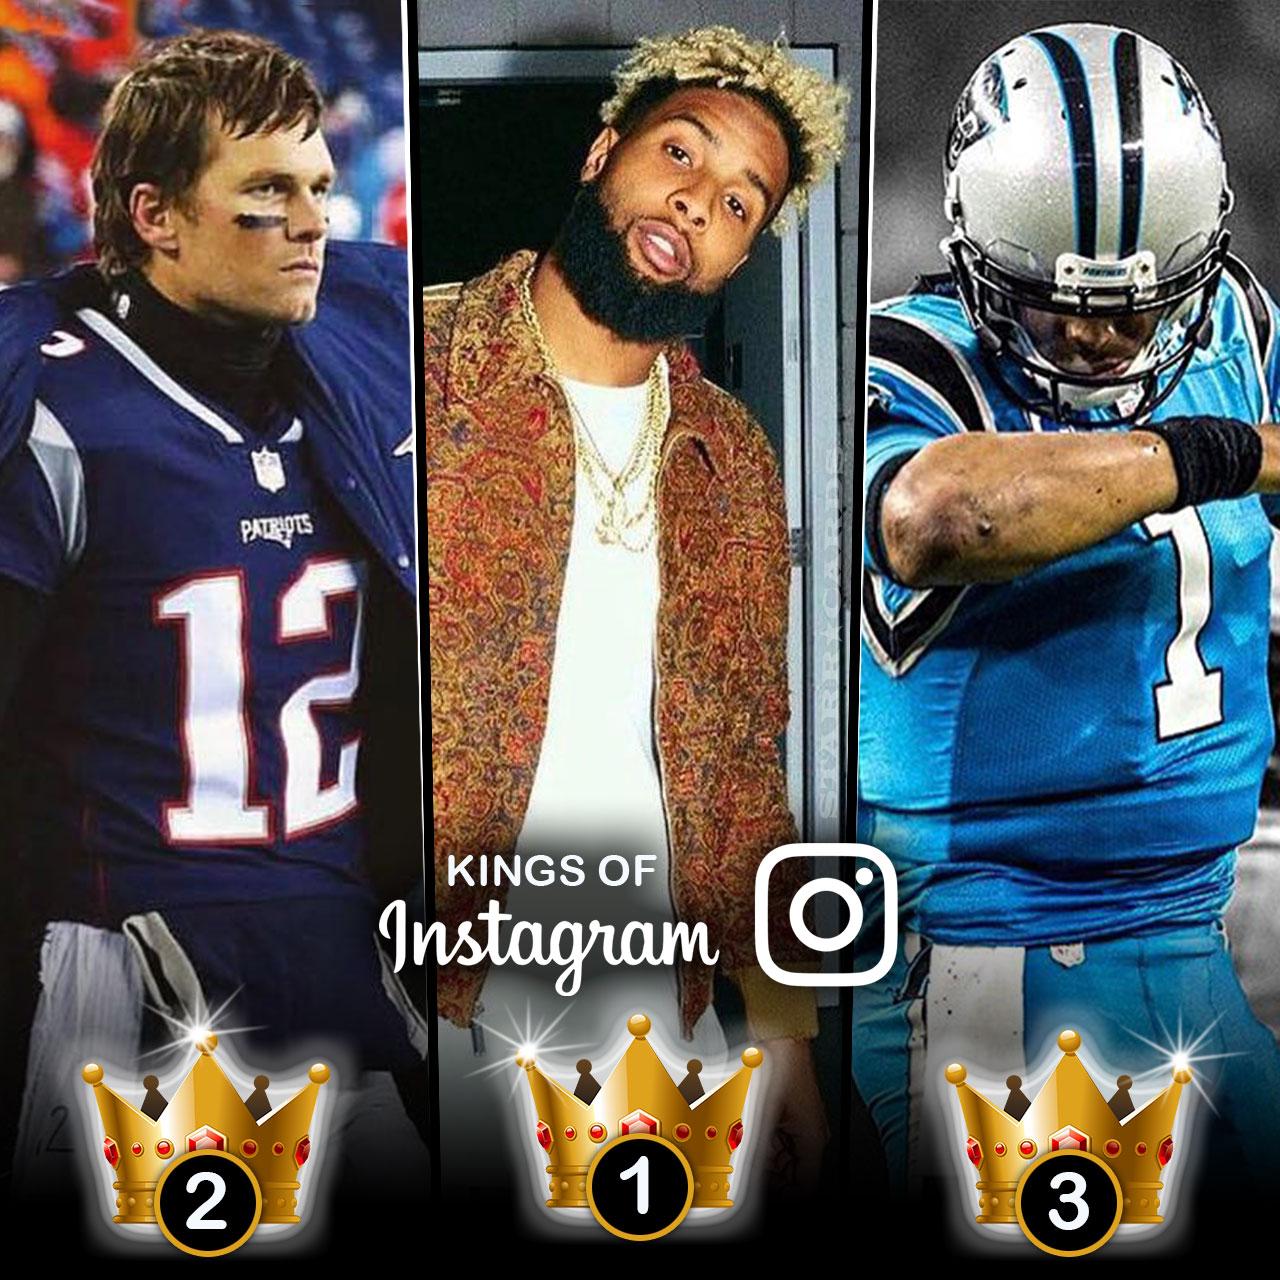 Kings Of Instagram Obj Tom Brady Cam Newton Lead Nfl Players